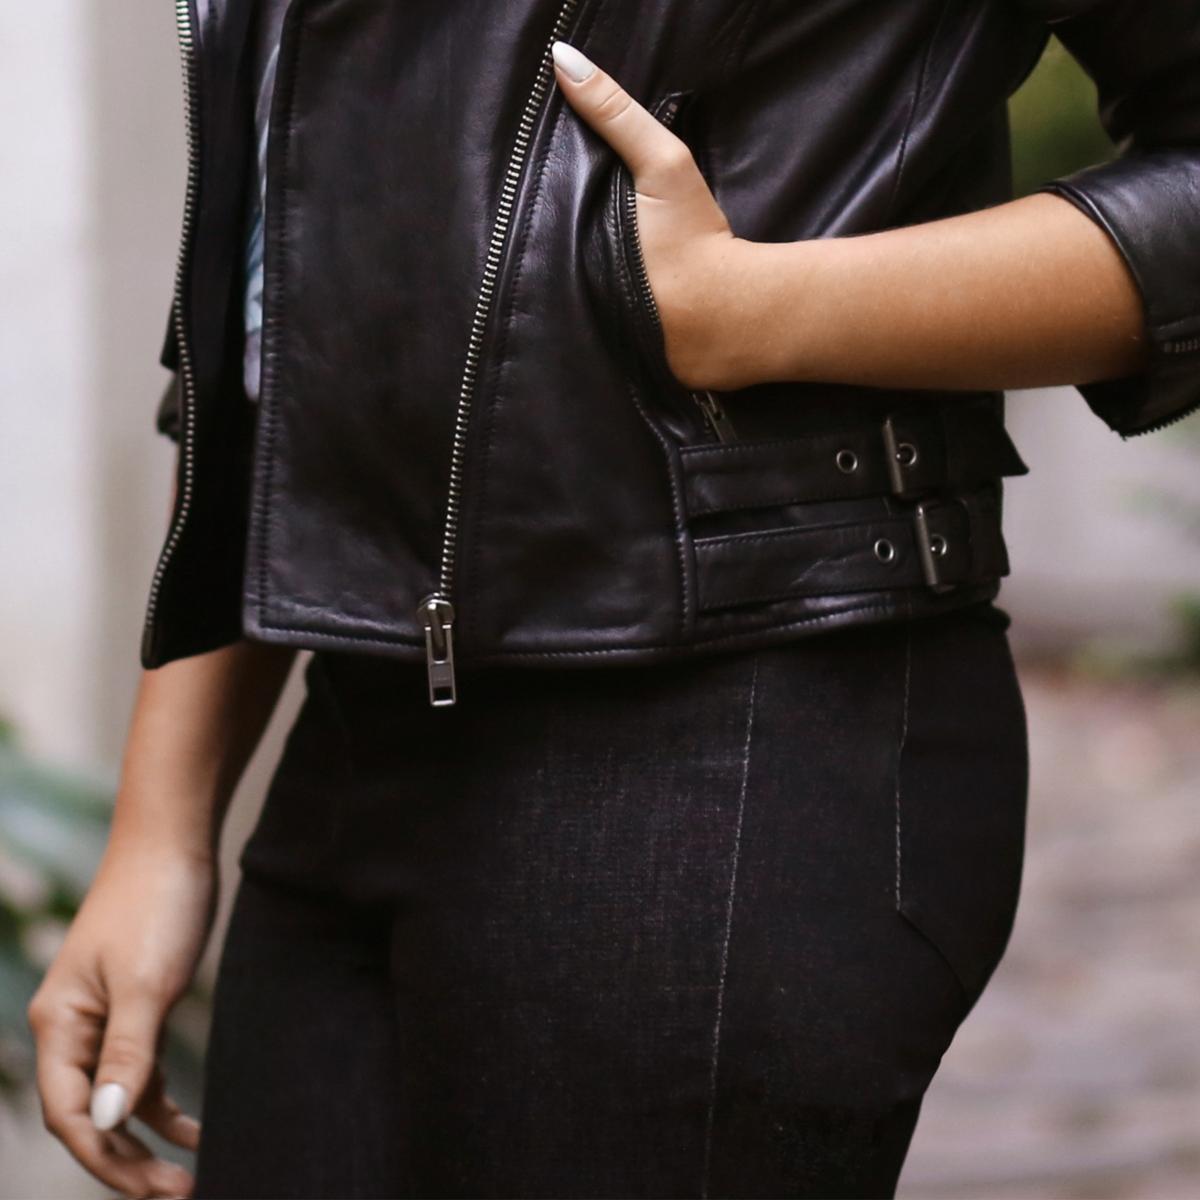 Джинсы скинни с высоким поясомEnjoyPh?nix продолжнает завоевывать мир моды и создает капсульную коллекцию для La Redoute. Самые стильные вещи сезона и модные украшения, олицетворяющие новое поколение, не представляющее своей жизни без общения!Джинсы скинни 5 карманов: 2 передних кармана + 1 часовой карман + 2 накладных задних кармана. Высокий пояс. Пояс со шлевками, планка завтежки на молнию.Состав и описание :Основной материал  : 98% хлопка, 2% эластанаДлина по внутр. шву : 80 см  Ширина по низу : 14,5 см    Марка : EnjoyPh?nixУход :Стирка при 30°, на деликатном режиме Отбеливание запрещеноГладить при умеренной температуреСухая чистка запрещена  Сушка в барабане запрещена<br><br>Цвет: черный<br>Размер: 38 (FR) - 44 (RUS)